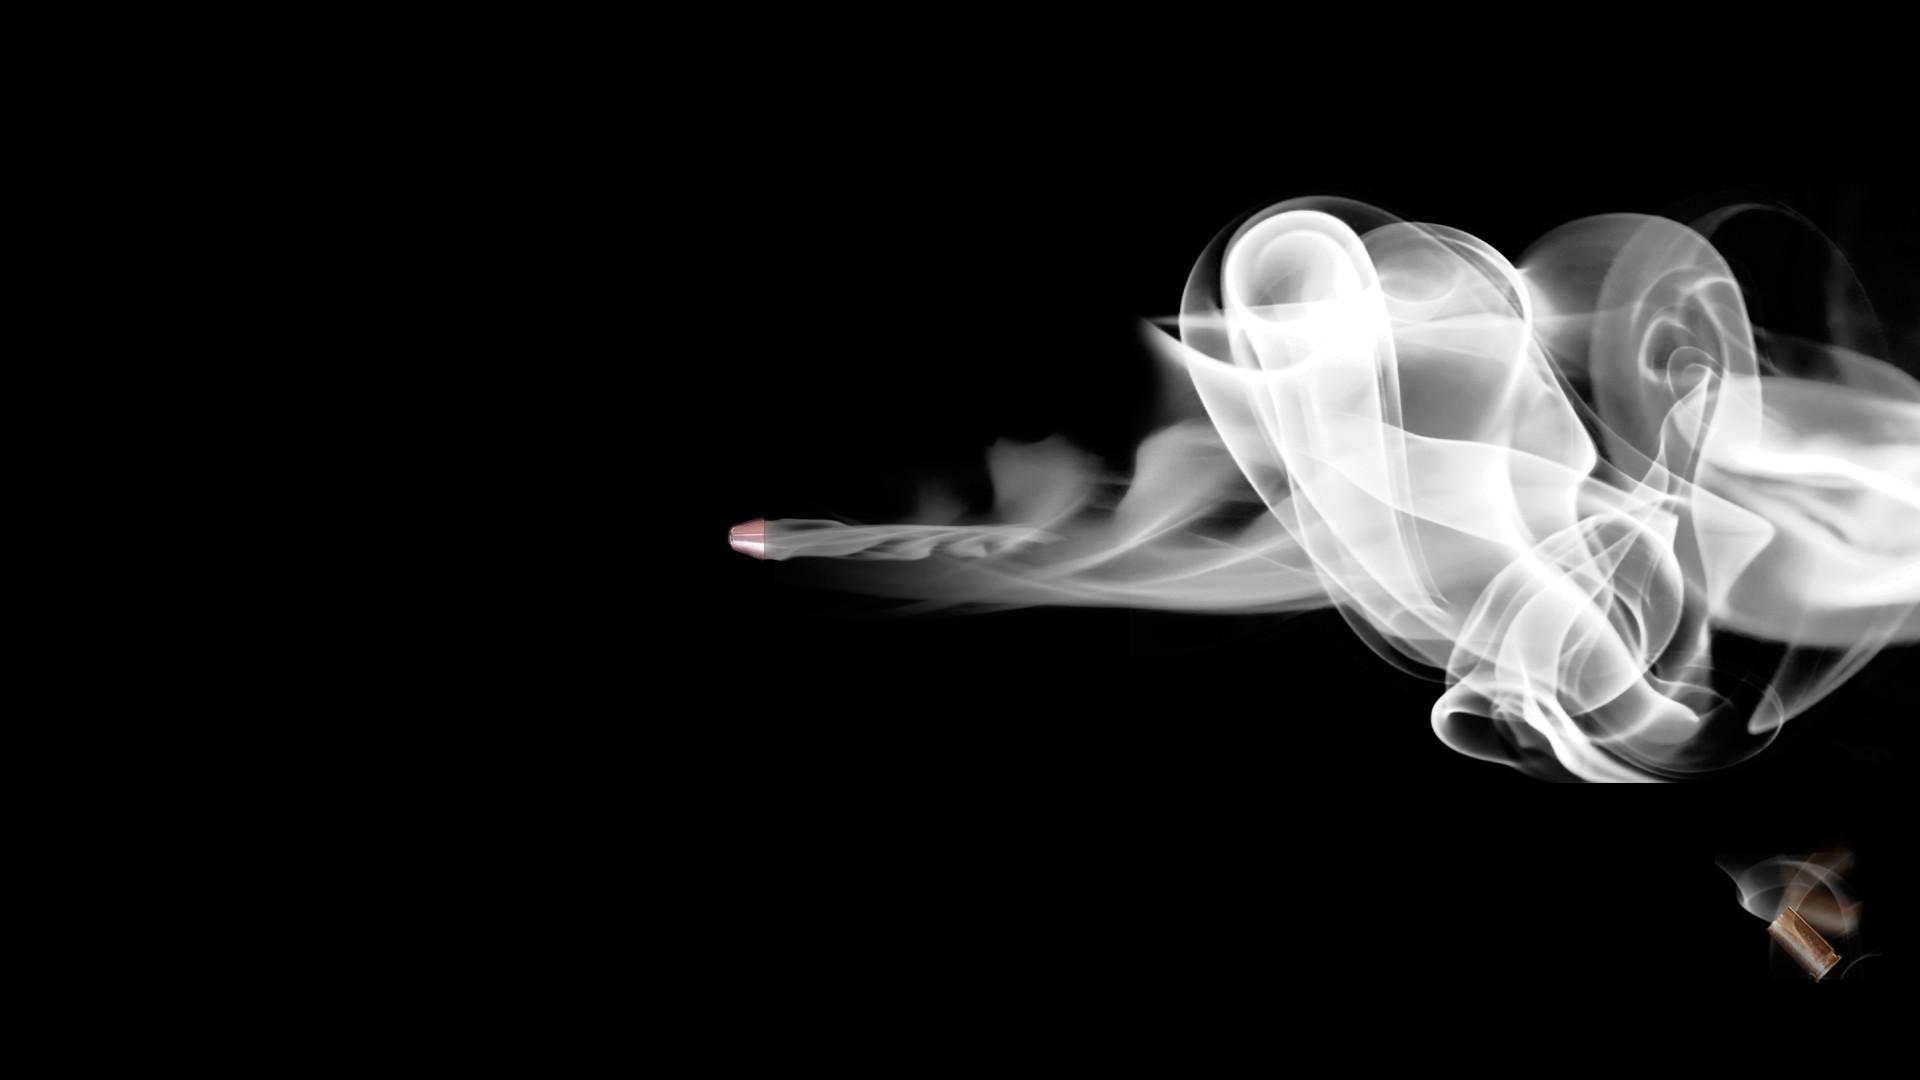 explore white gun smoke png 549630 hd wallpaper backgrounds download explore white gun smoke png 549630